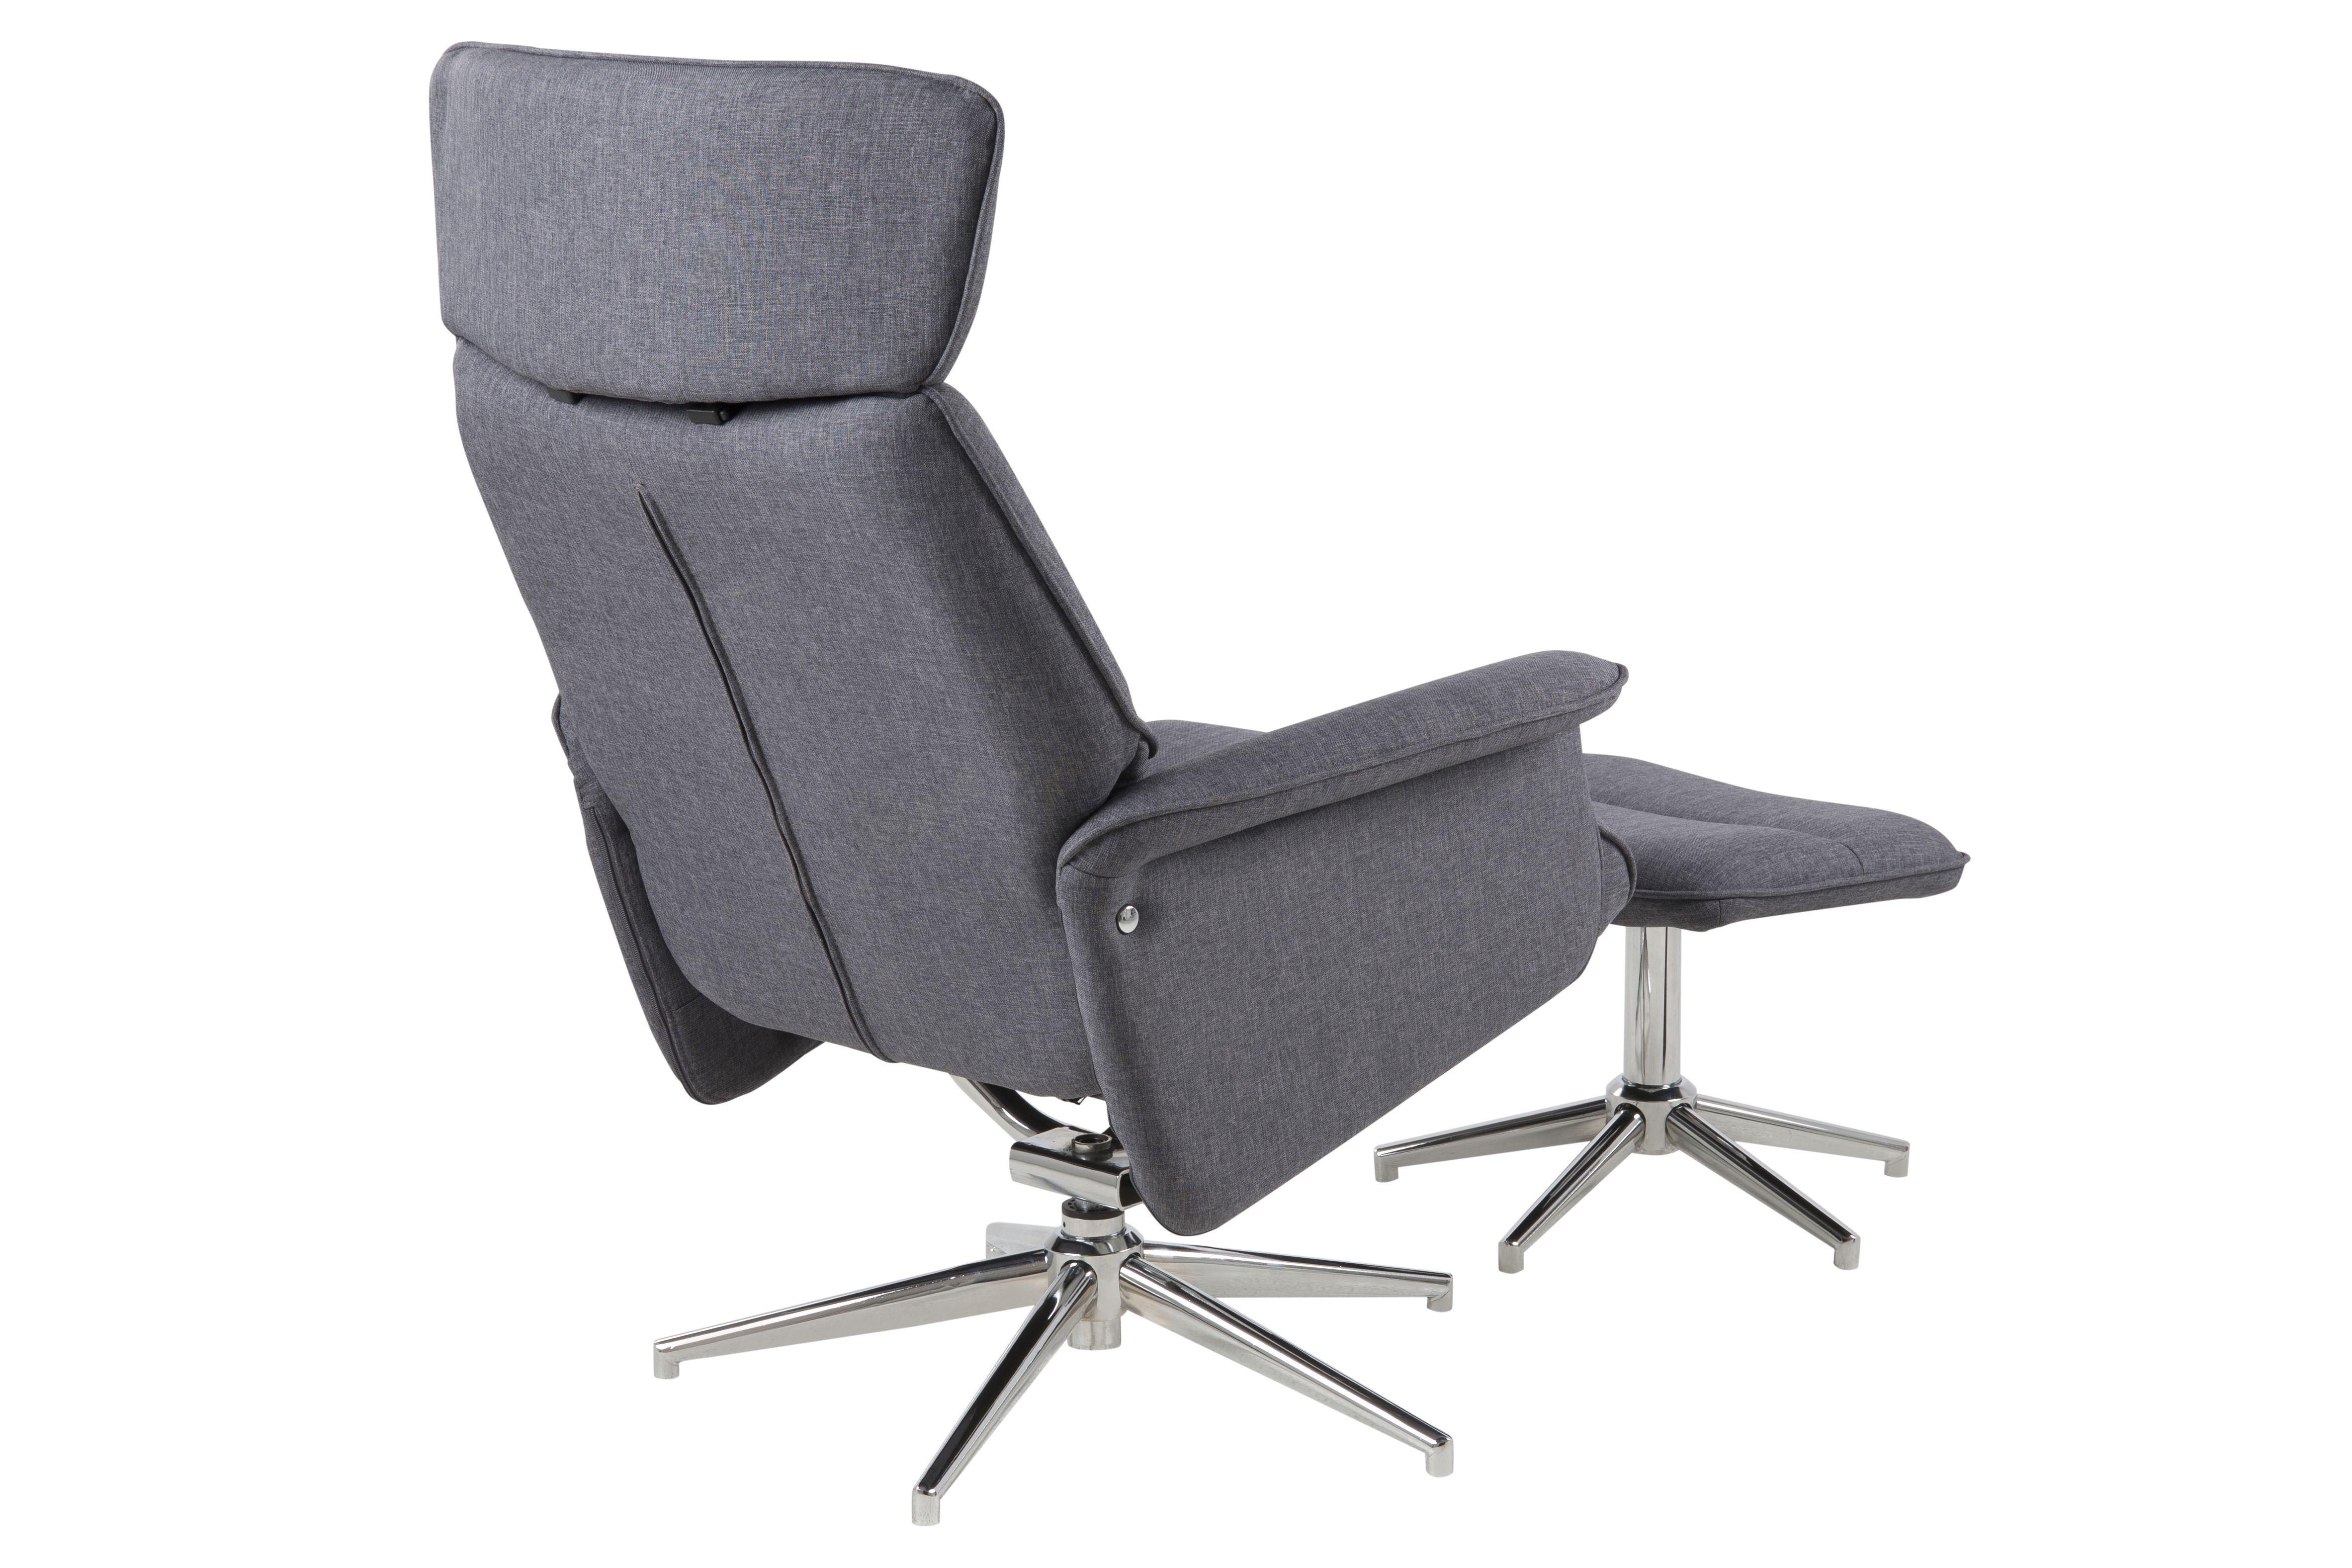 abyen-fauteuil-hocker-3